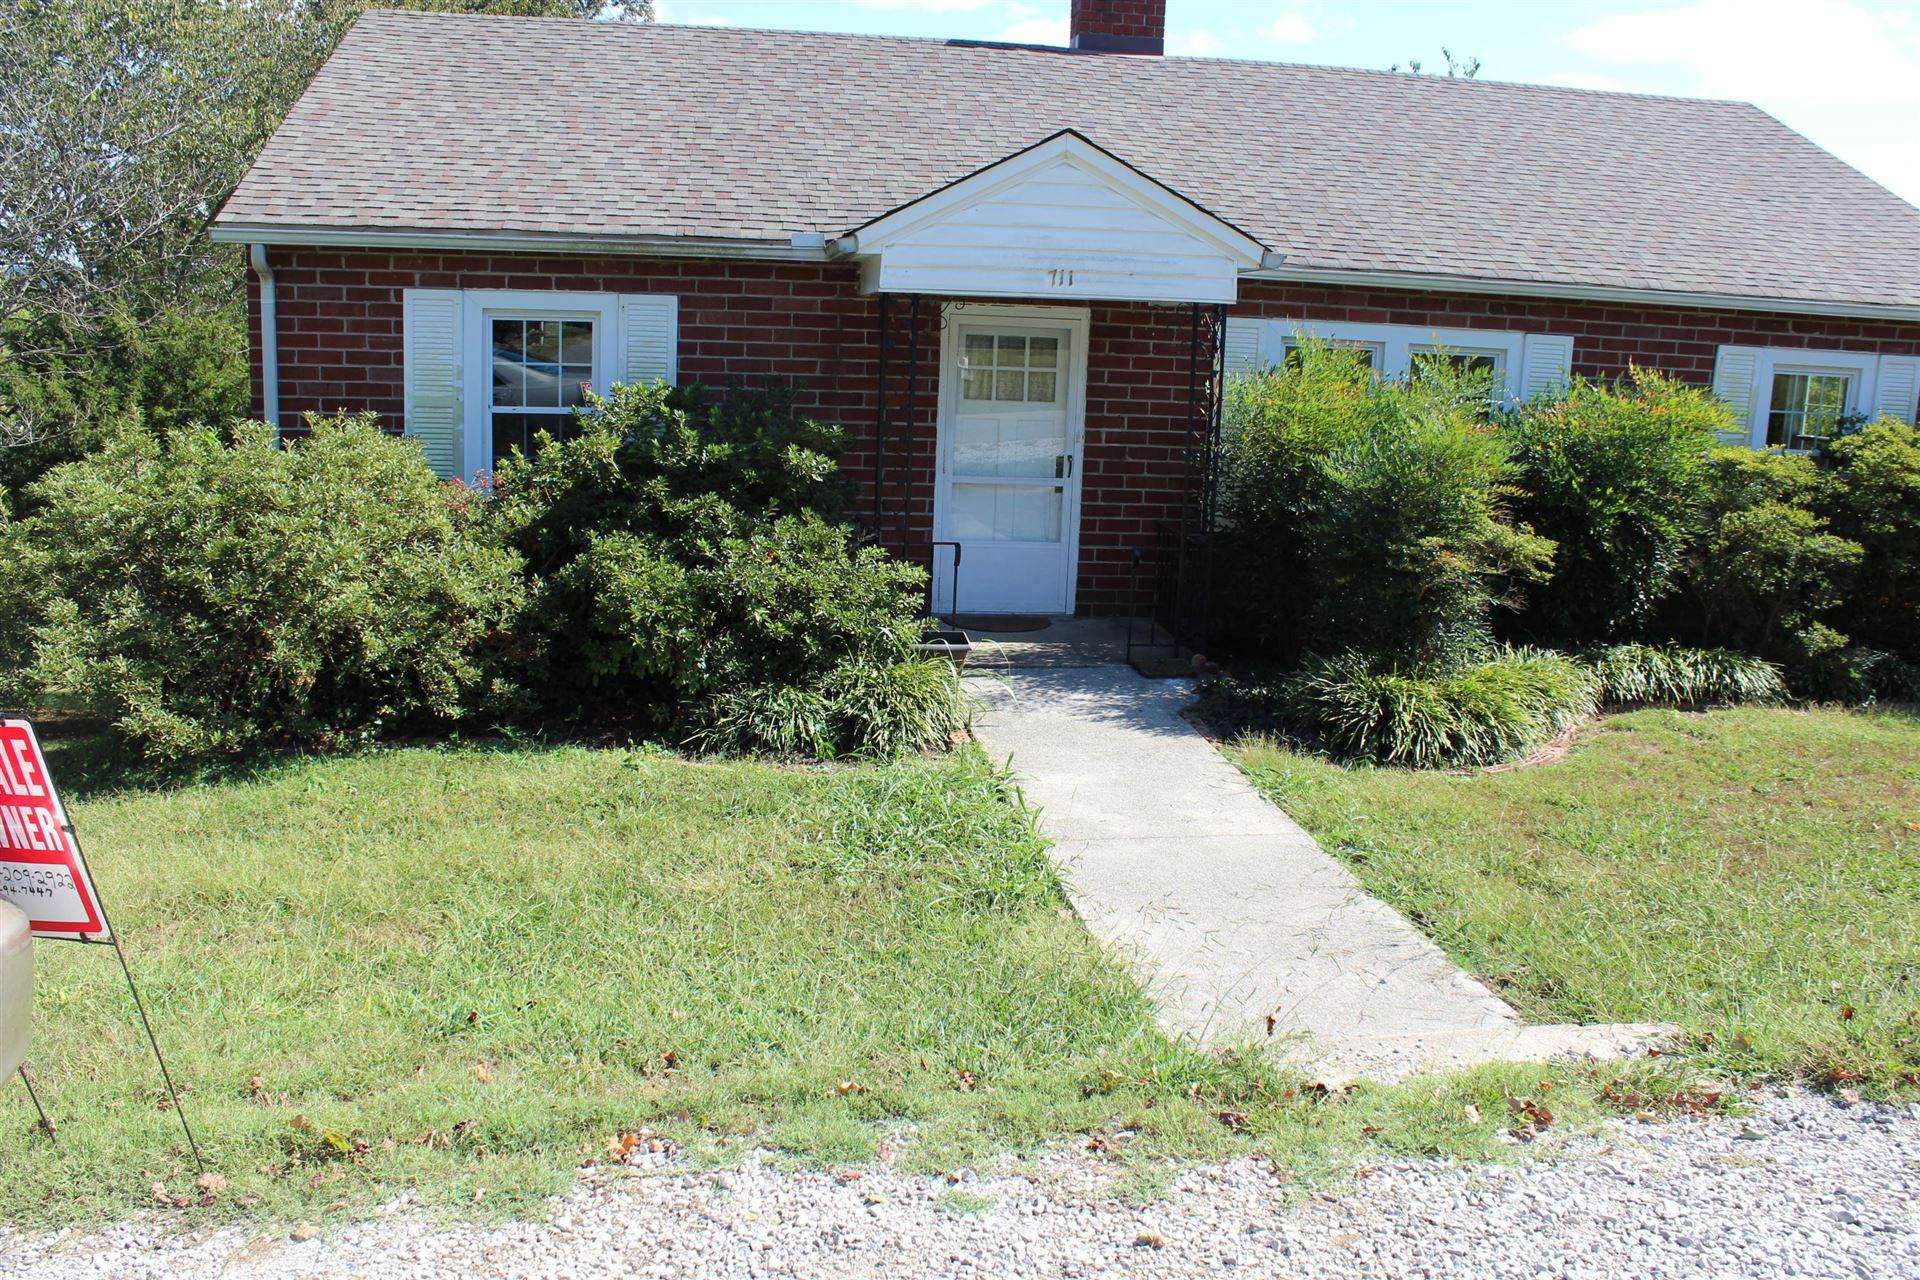 Photo of 711 Shaw St, Clinton, TN 37716 (MLS # 1097216)